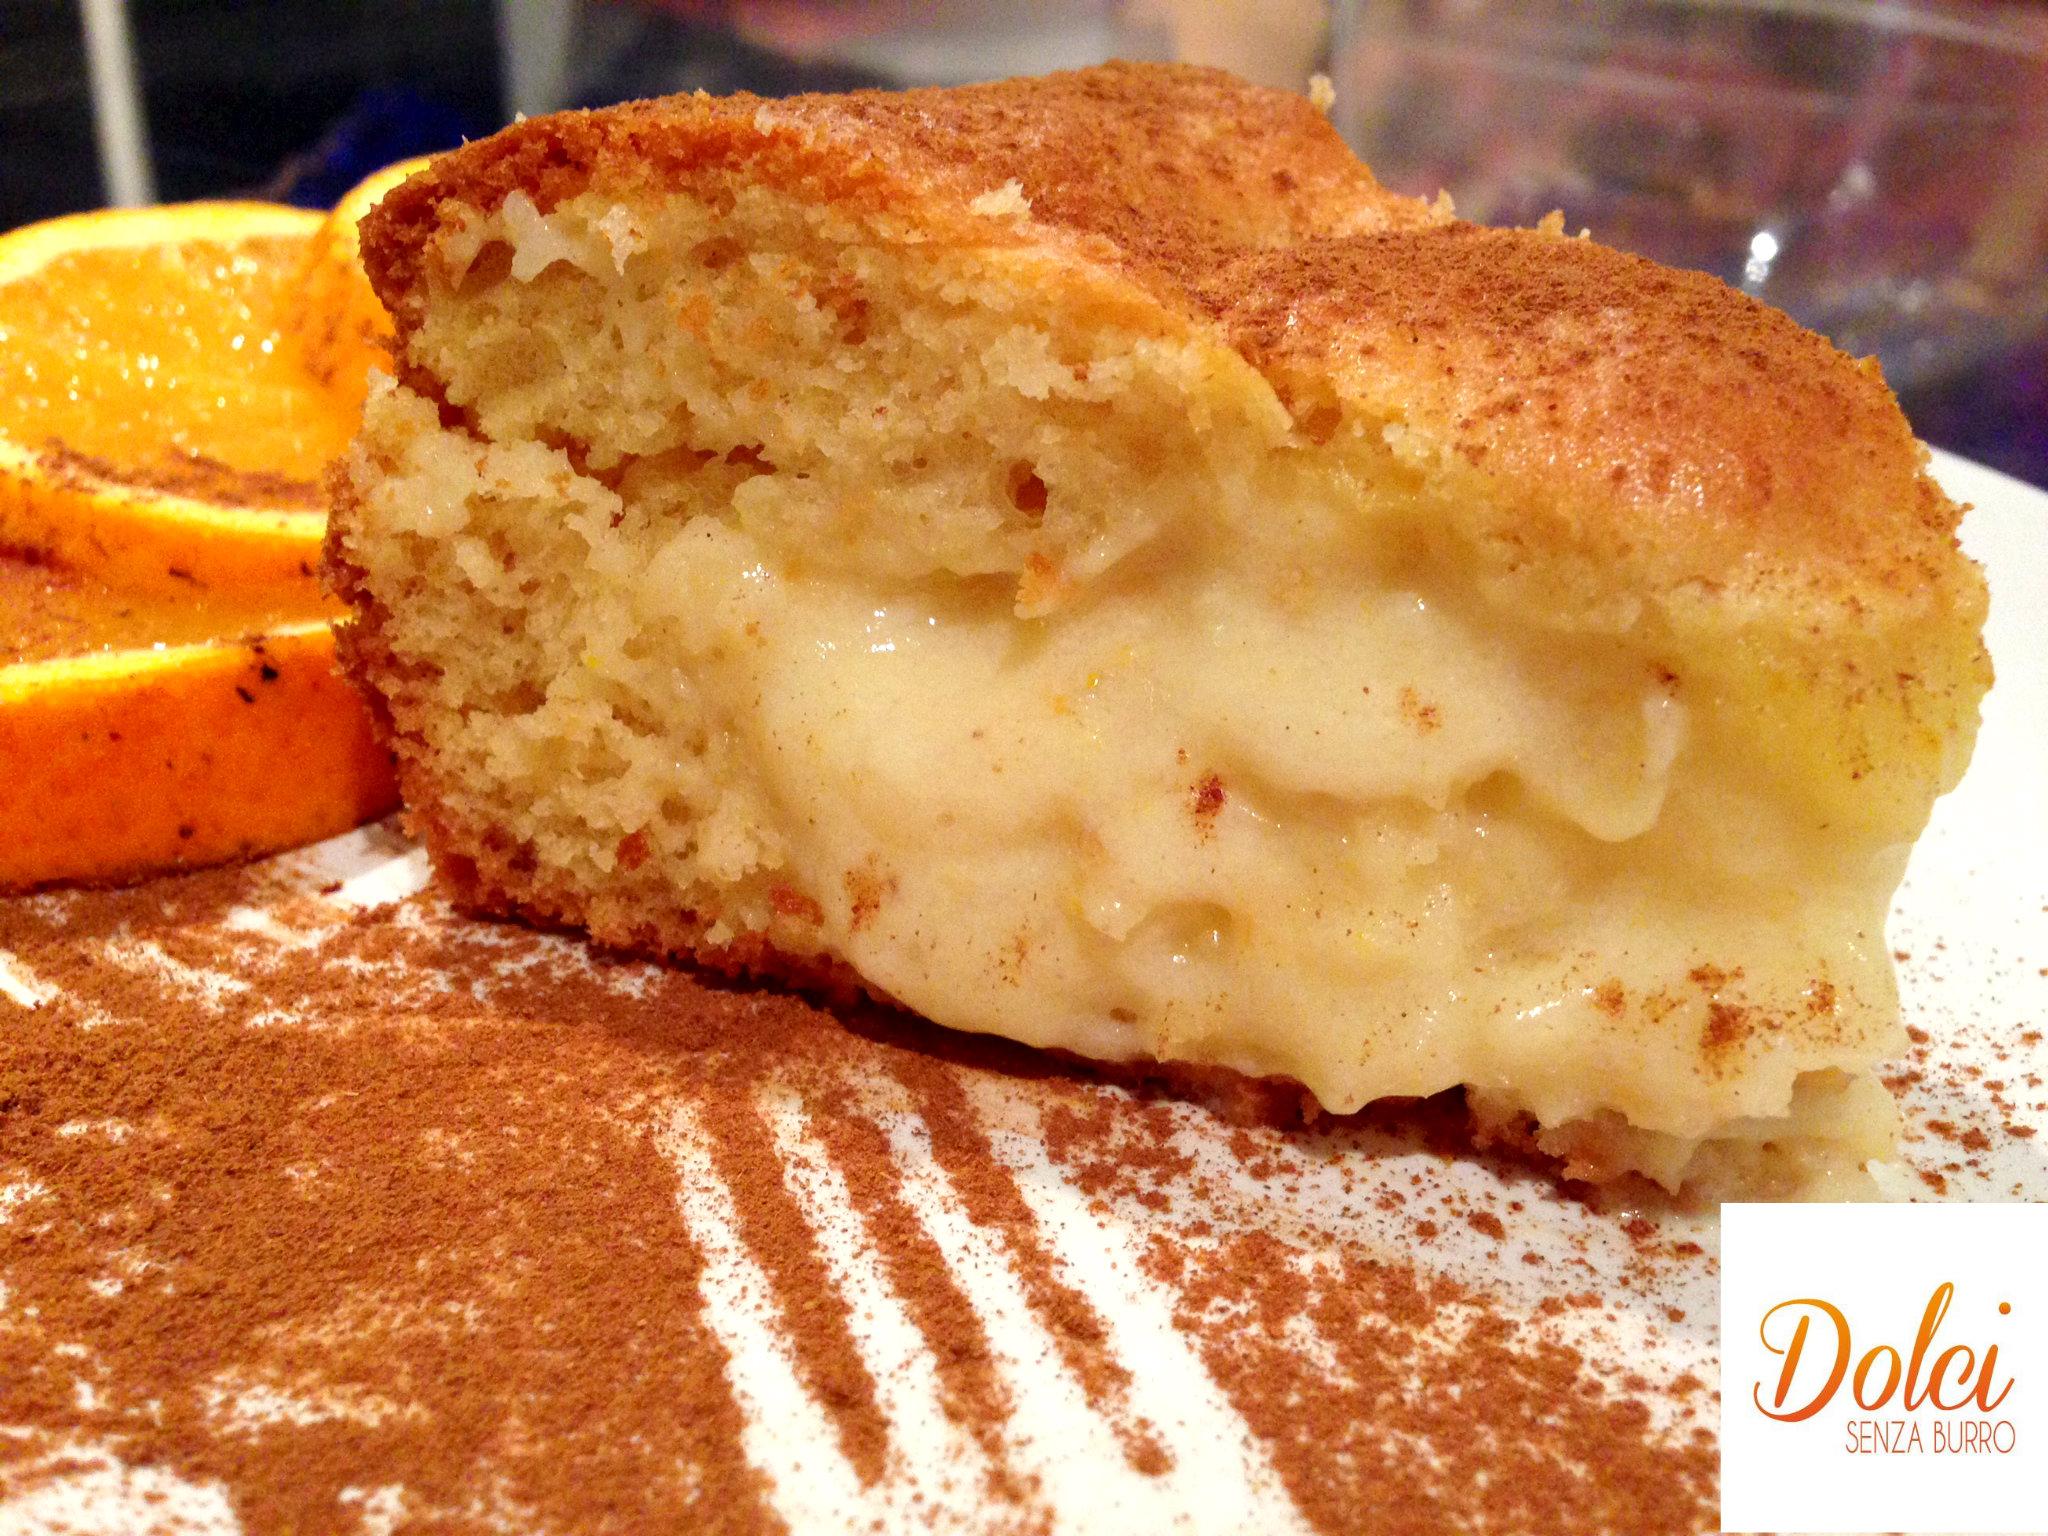 torta senza burro con crema all'arancia, il dolce goloso di Dolci Senza Burro